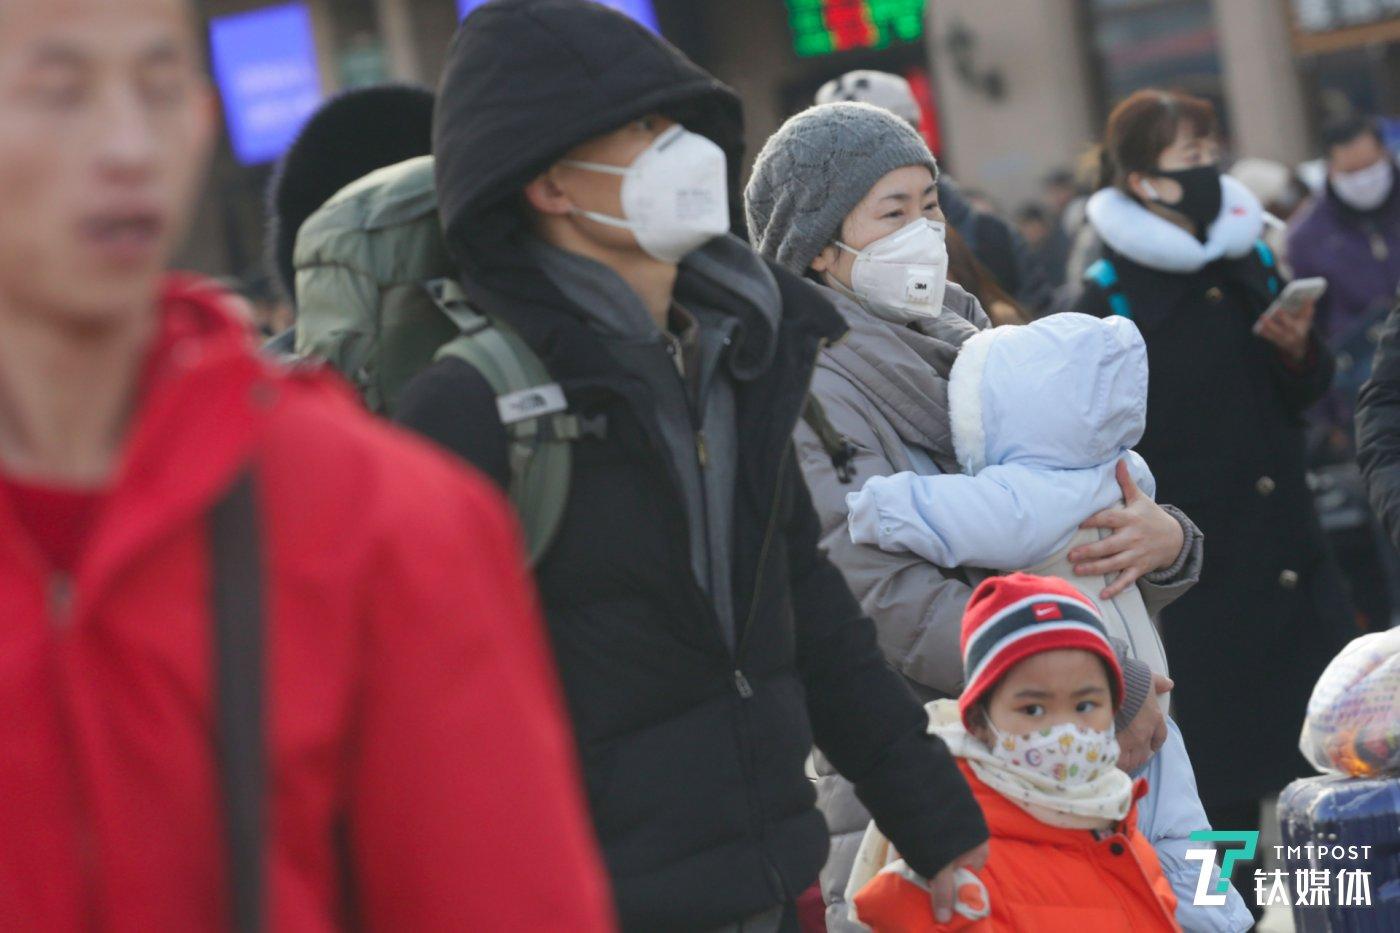 1月21日8:47,北京火车站王中王一王中王救世网,赶路的旅客。(图/钛媒体 孙林徽)